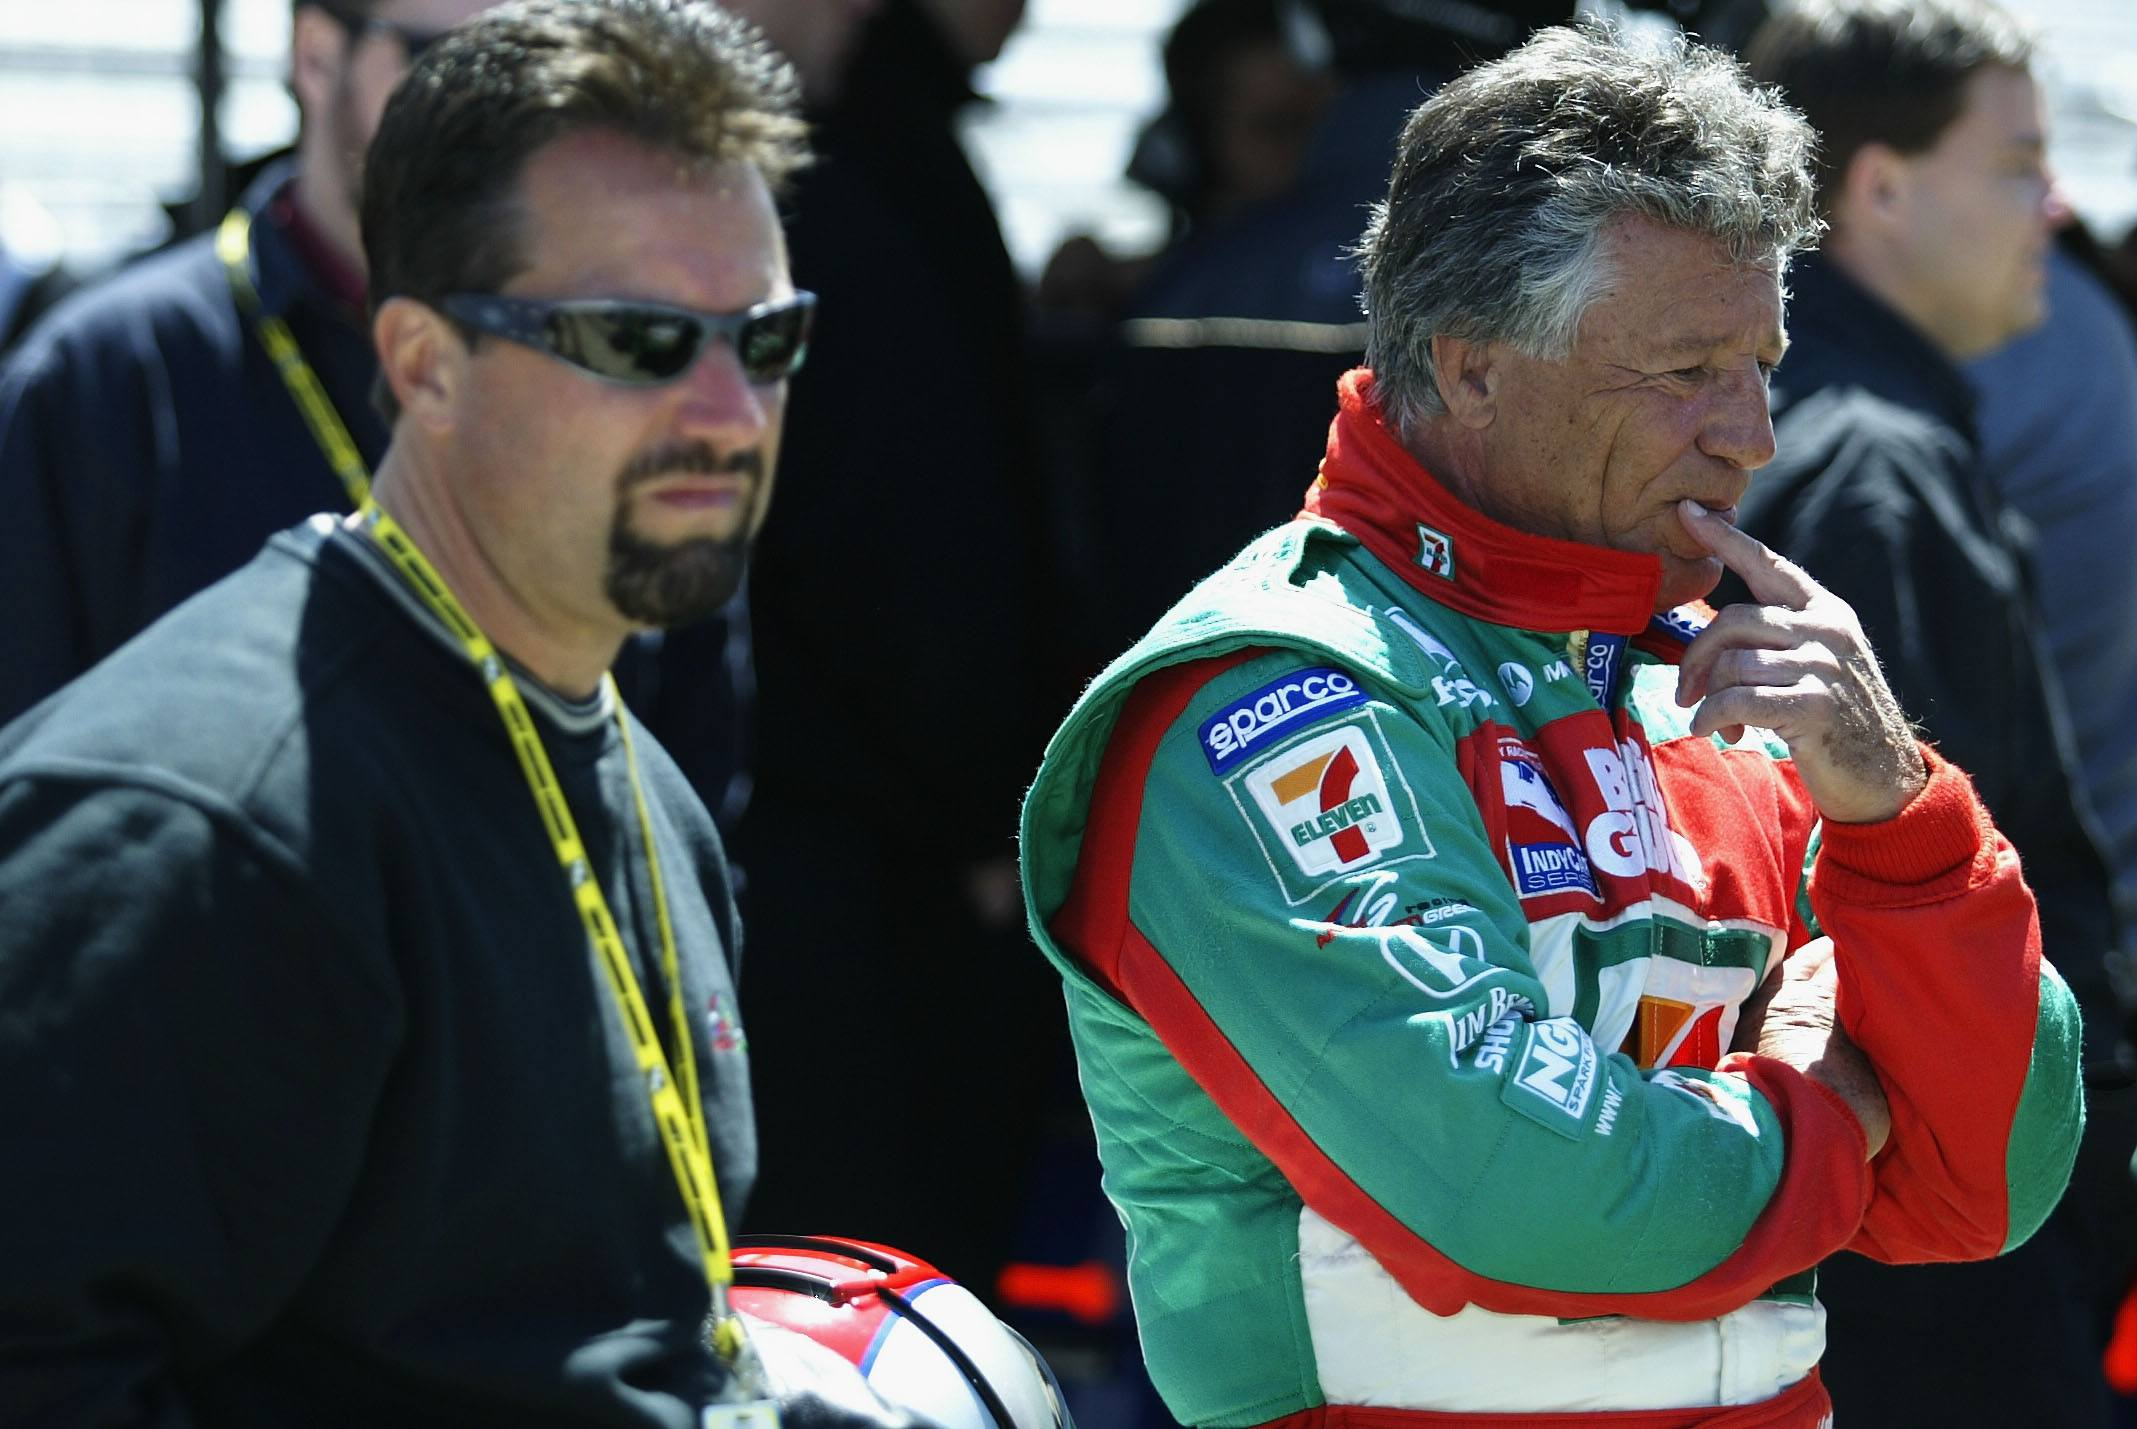 Mario Andretti (right), with his son